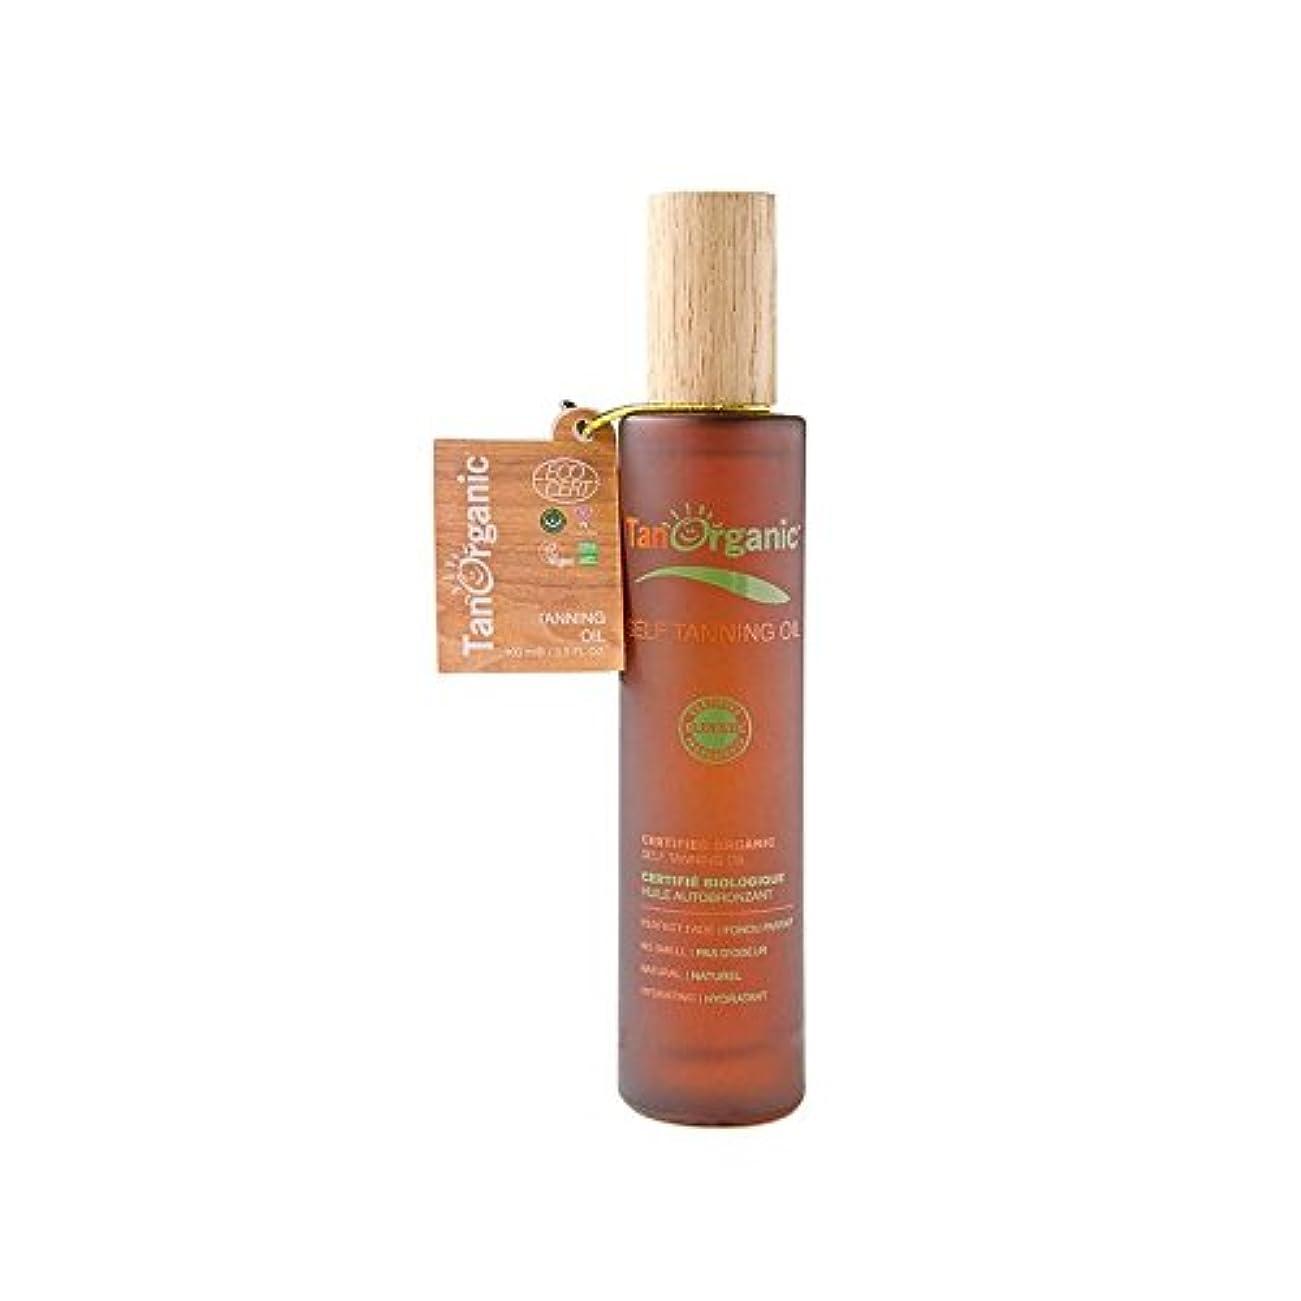 永遠のカテナ迫害Tanorganic自己日焼け顔&ボディオイル (Tan Organic) (x 4) - TanOrganic Self-Tan Face & Body Oil (Pack of 4) [並行輸入品]